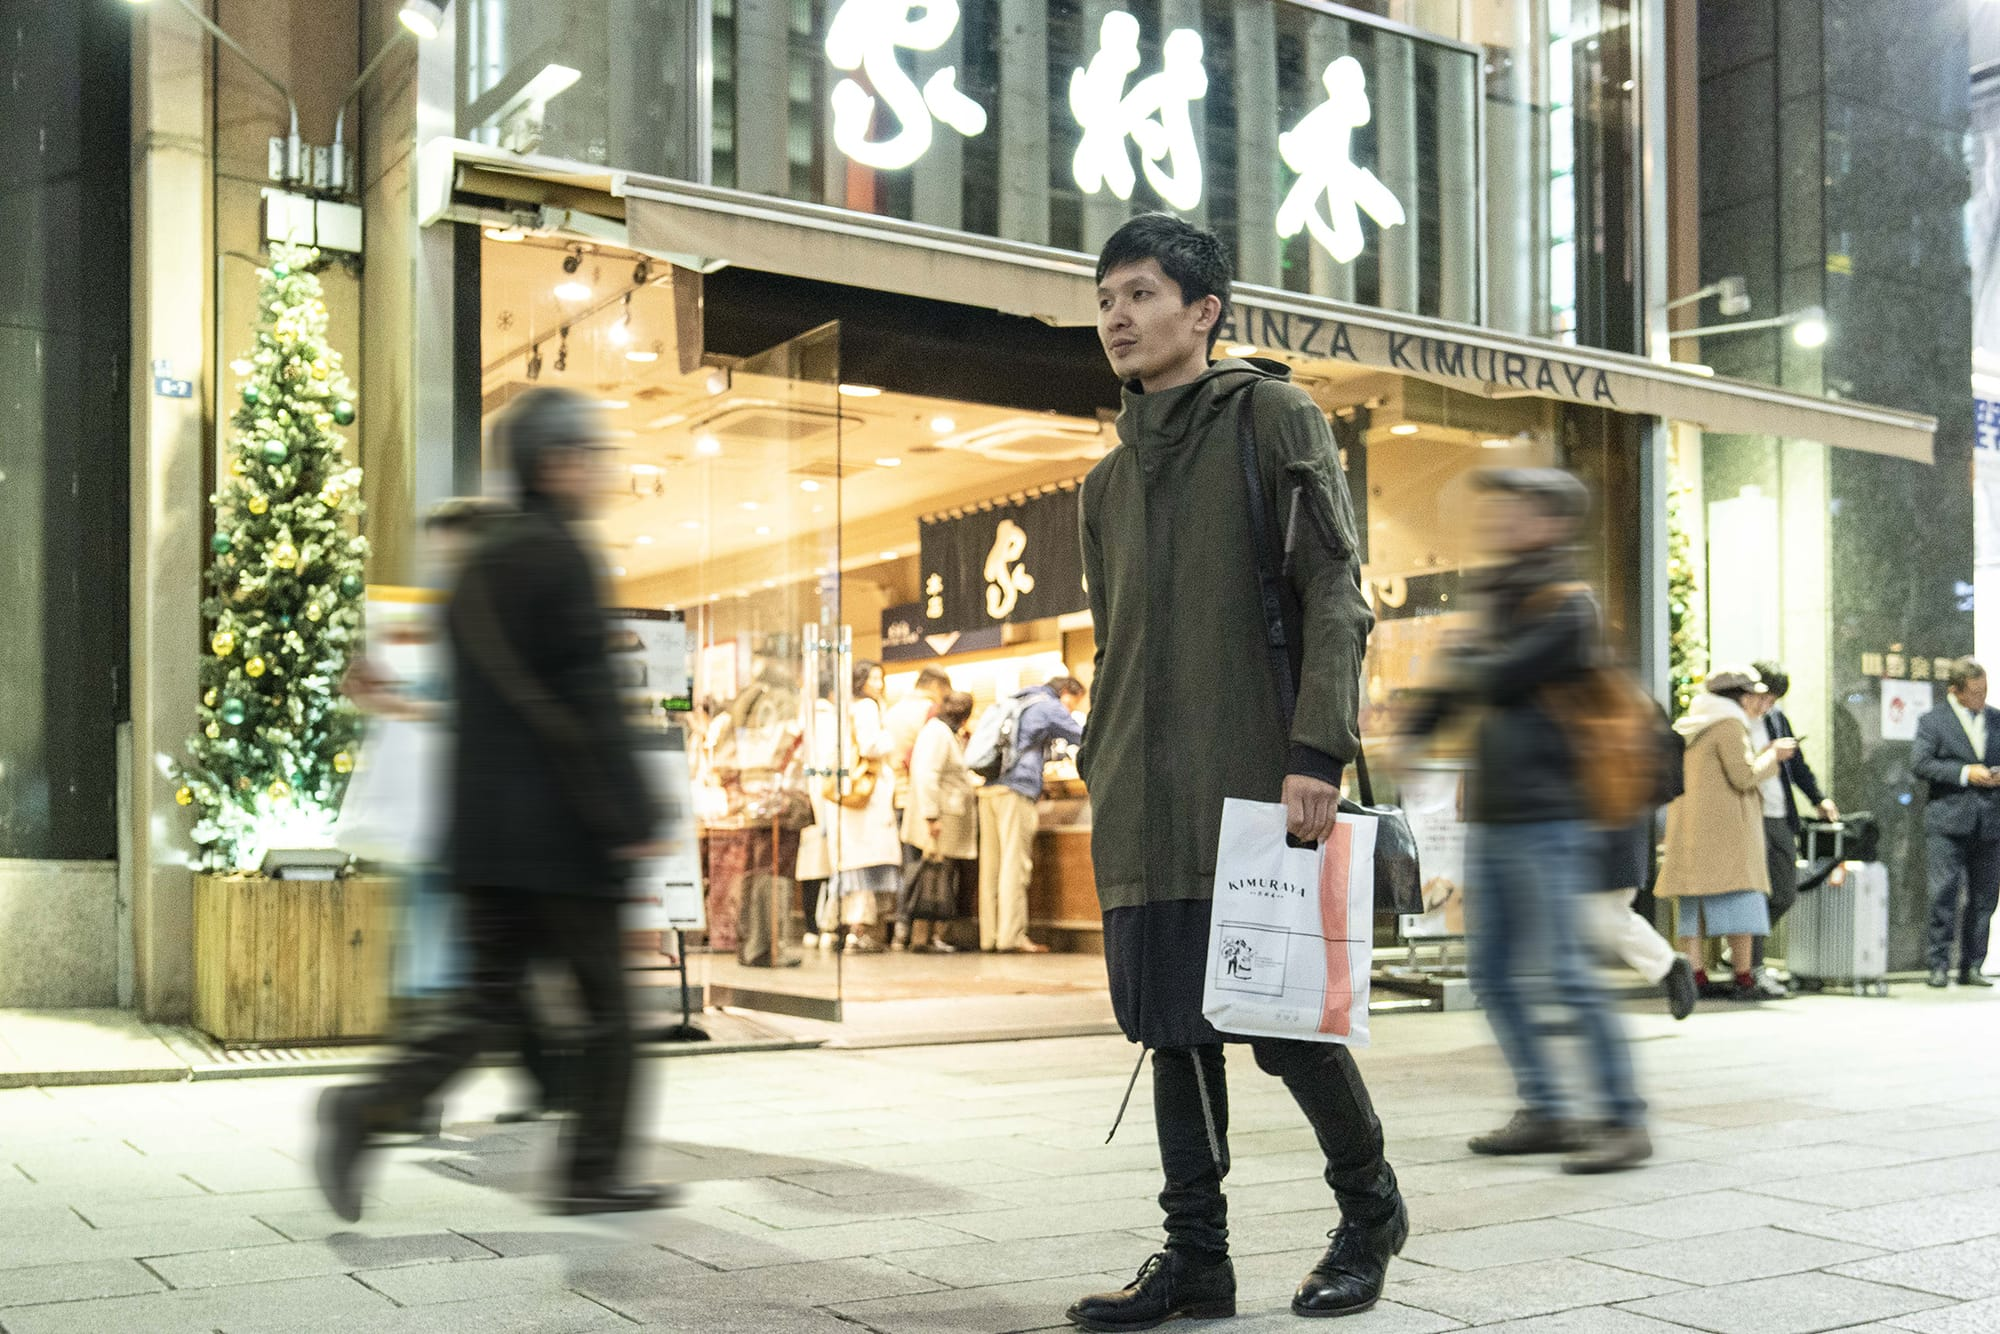 お目当てのあんバターを購入後は、喫煙具を見にいったり、本を探したりするのが、長田さん流の銀ブラ。